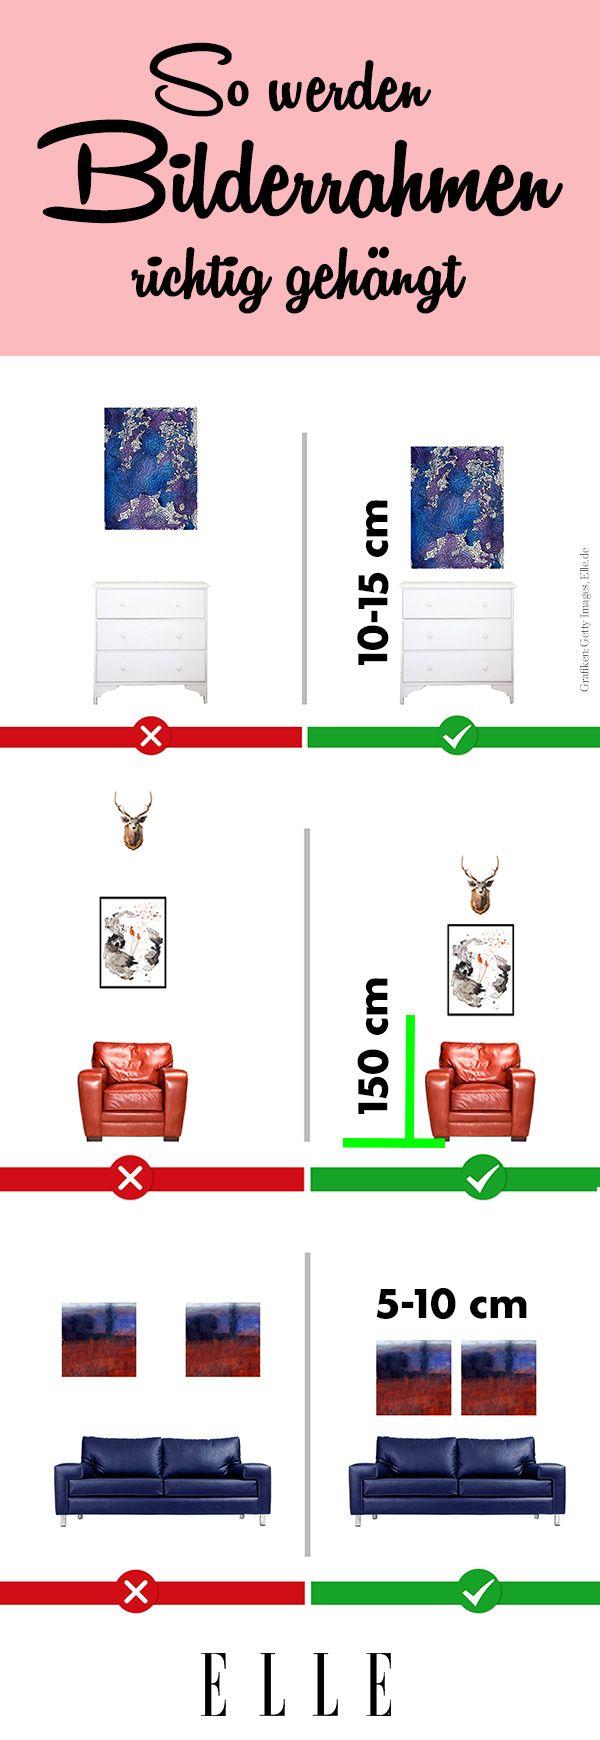 die besten 25 bilderrahmen w nde ideen auf pinterest dekorative rahmen t r bilderrahmen und. Black Bedroom Furniture Sets. Home Design Ideas